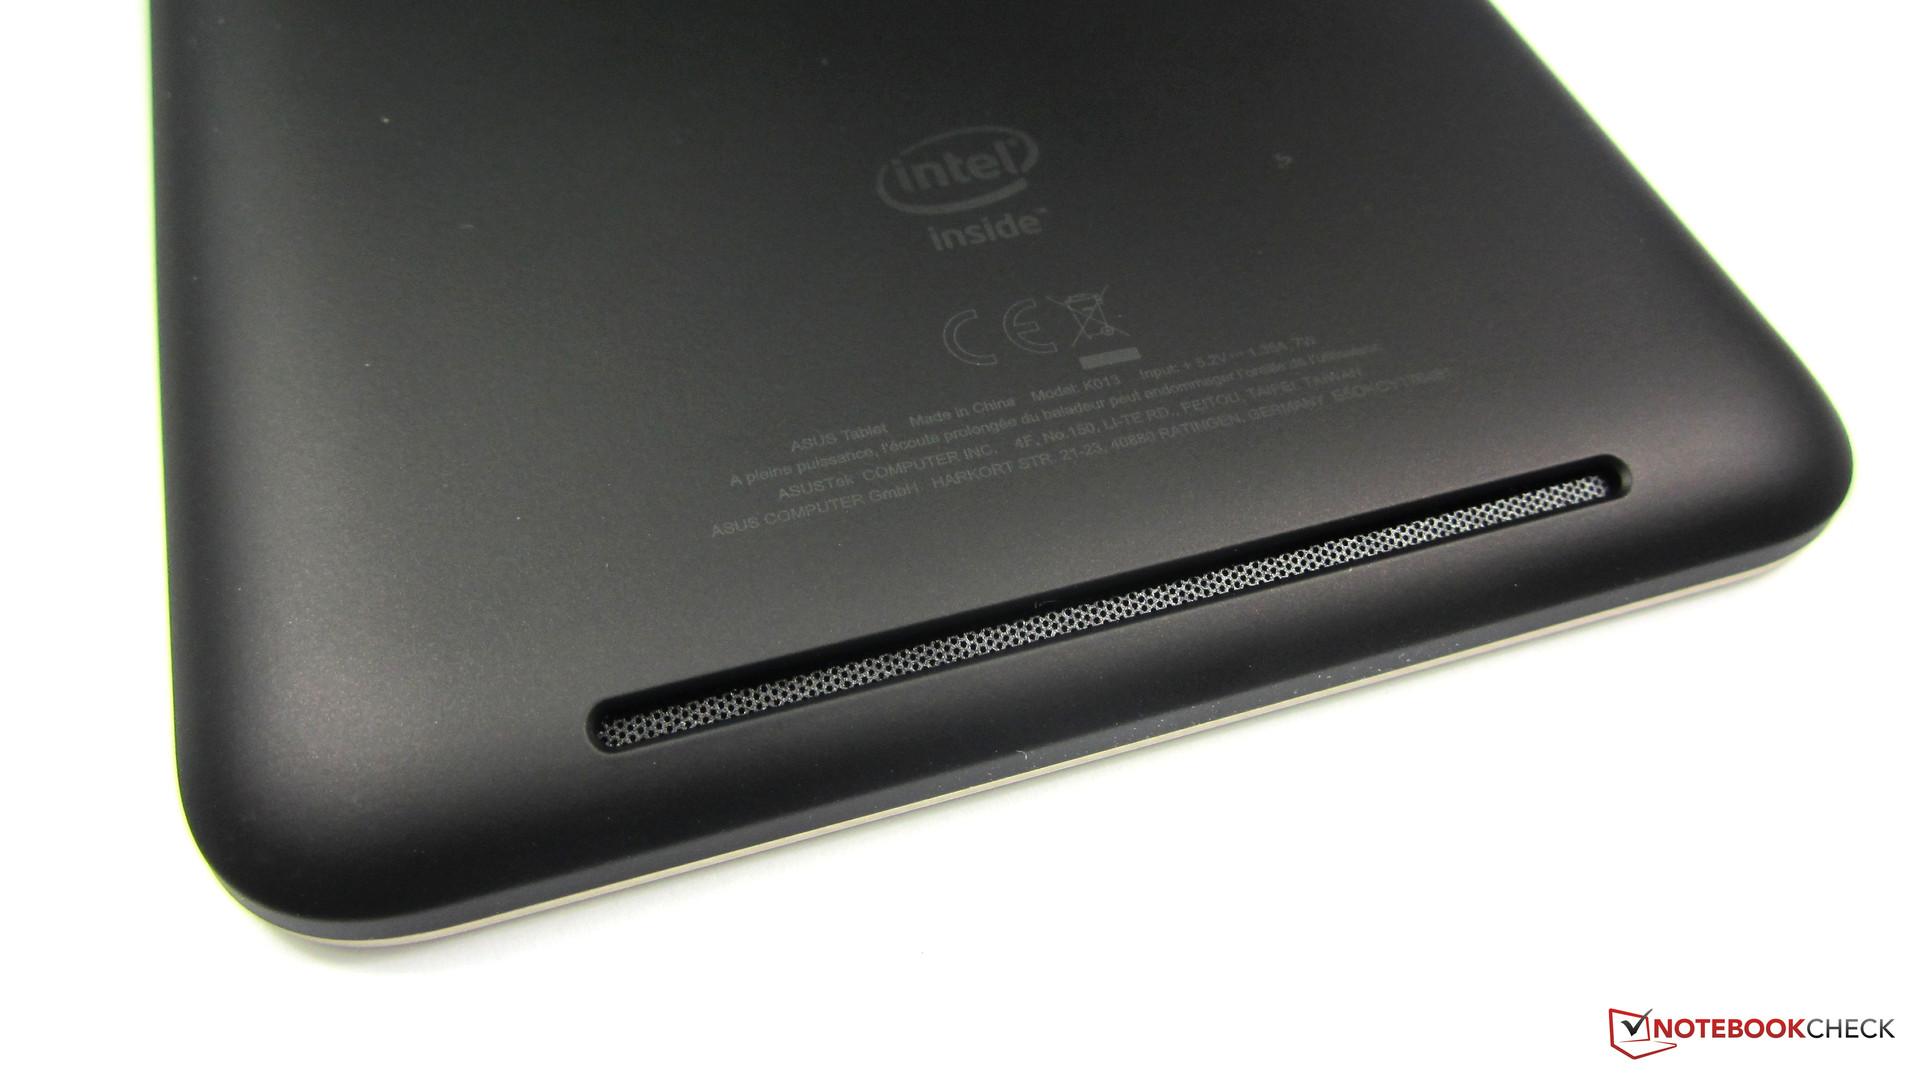 Breve análisis del Tablet Asus Memo Pad HD 7 ME176C